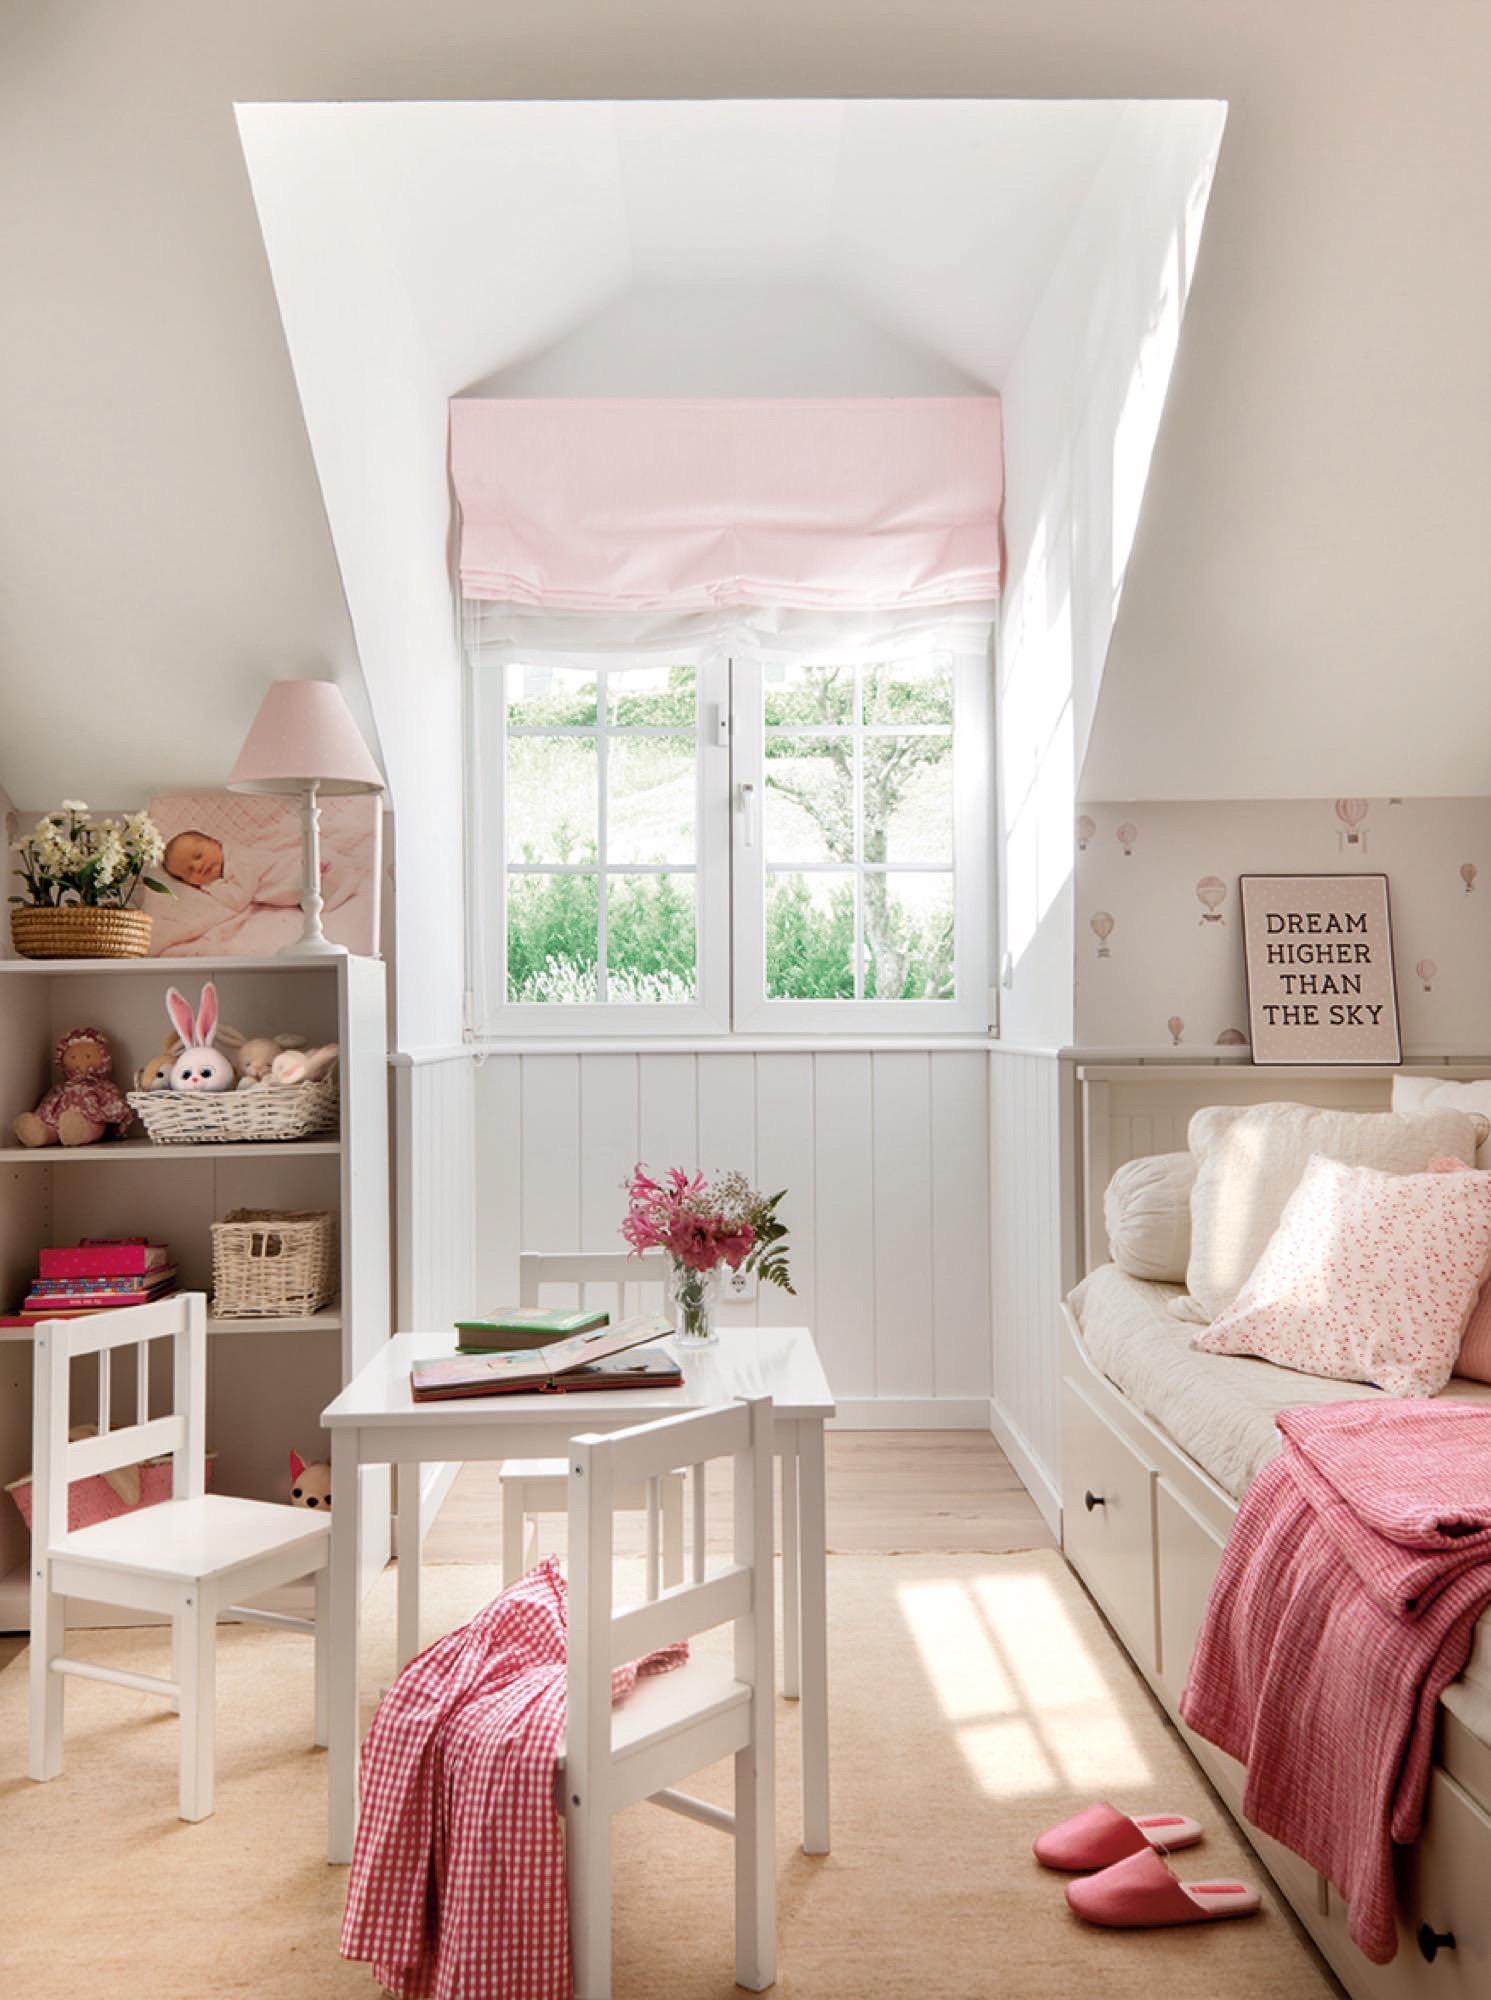 dormitorio infantil en rosa con mesita y estantería